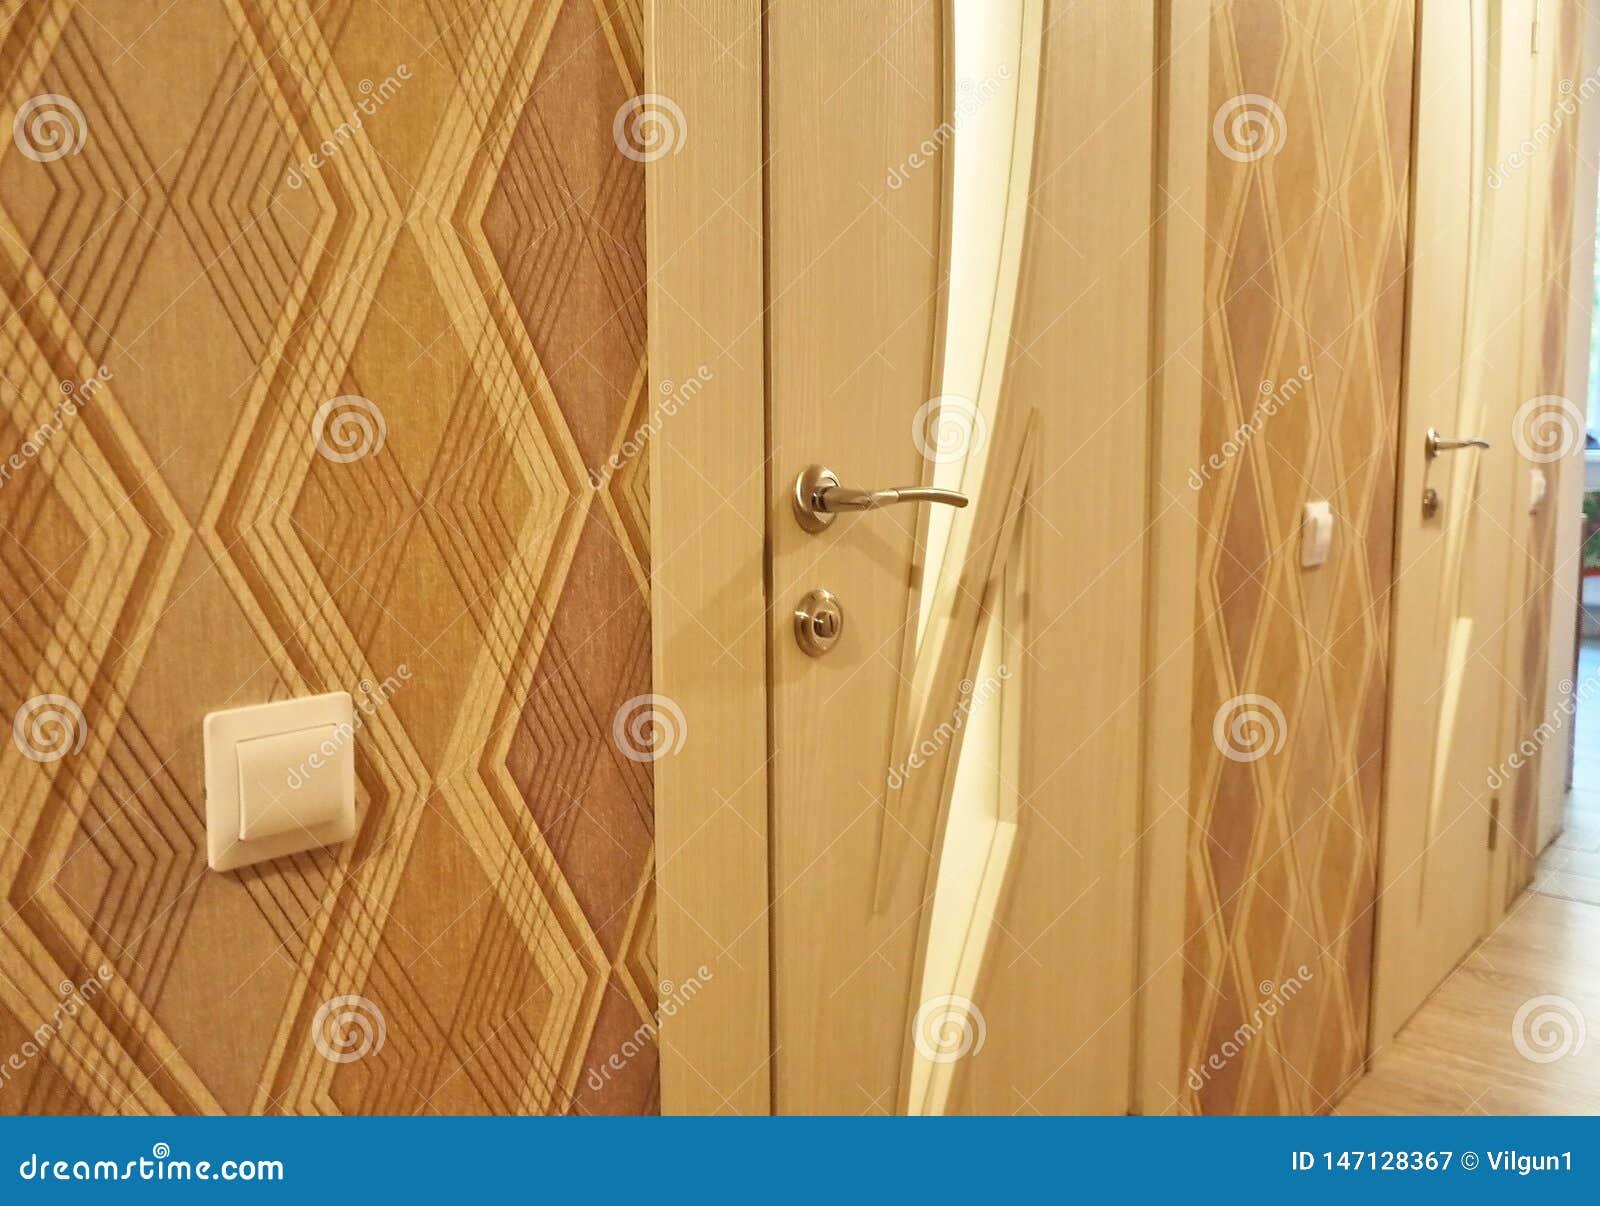 Het binnenland van een ruimte met een nieuw binnenland wordt ge?nstalleerd dat Deur De ge?nstalleerde deur vult eensgezind het bi